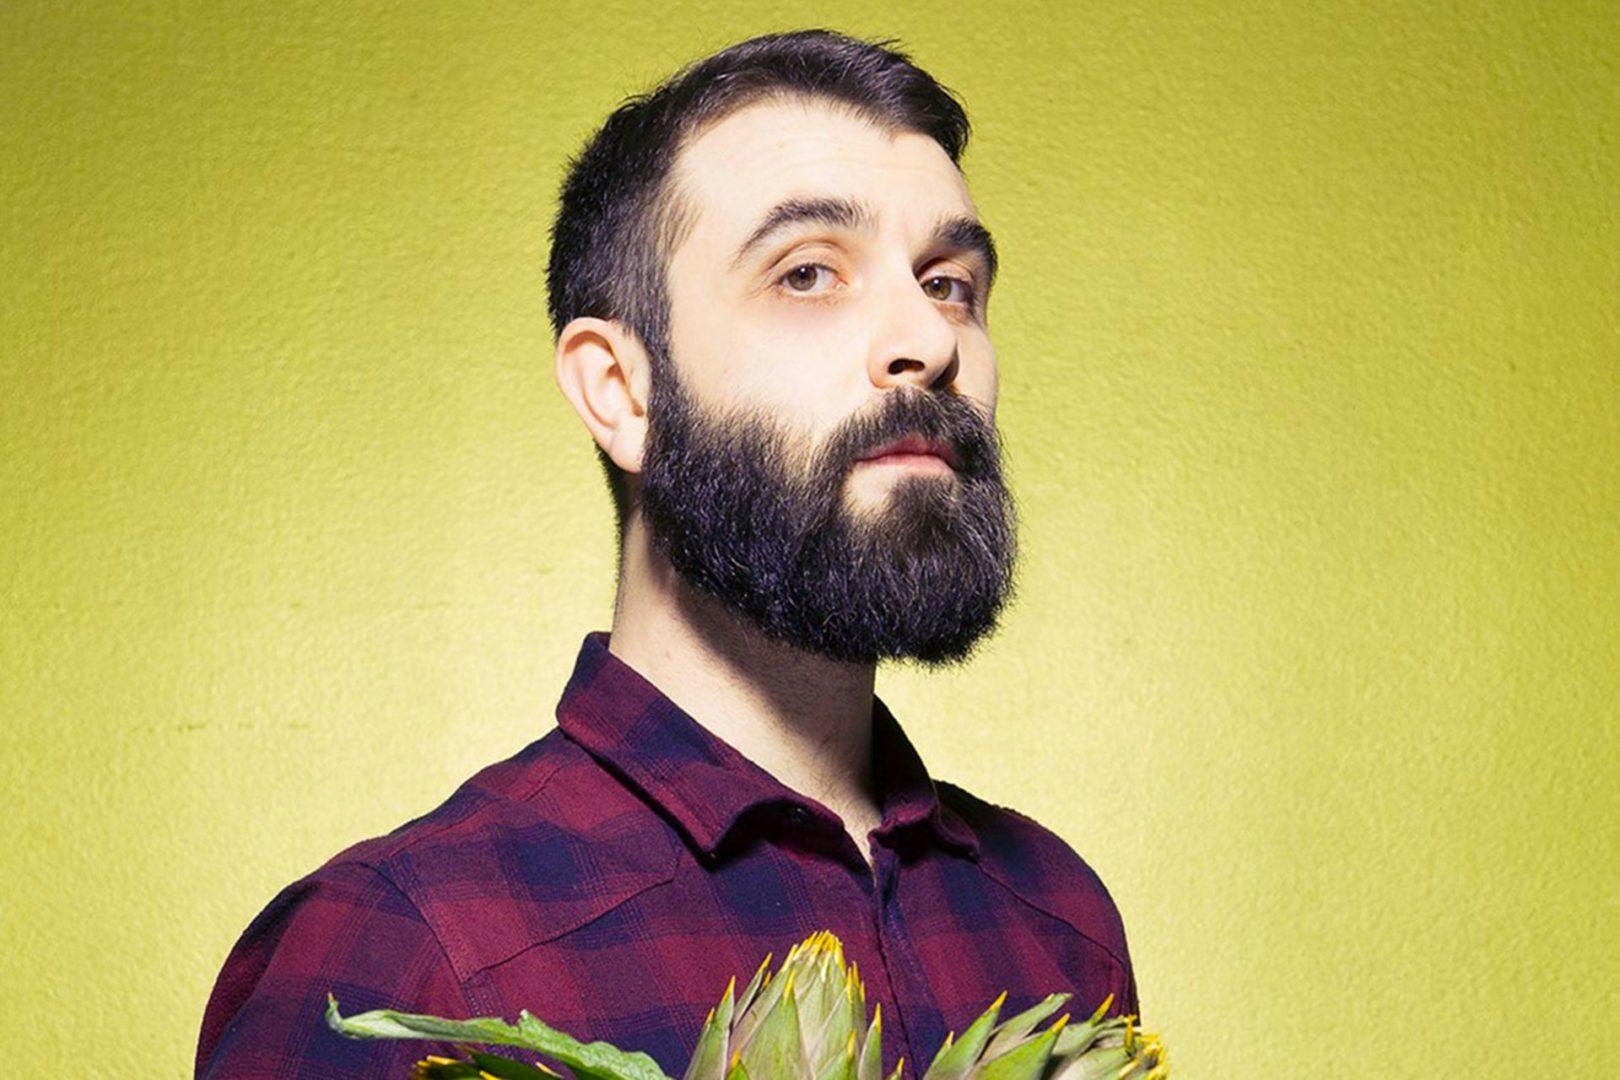 L'Uomo Senza Tonno, Il Single Che Porta La Sua Cucina Creativa A Domicilio